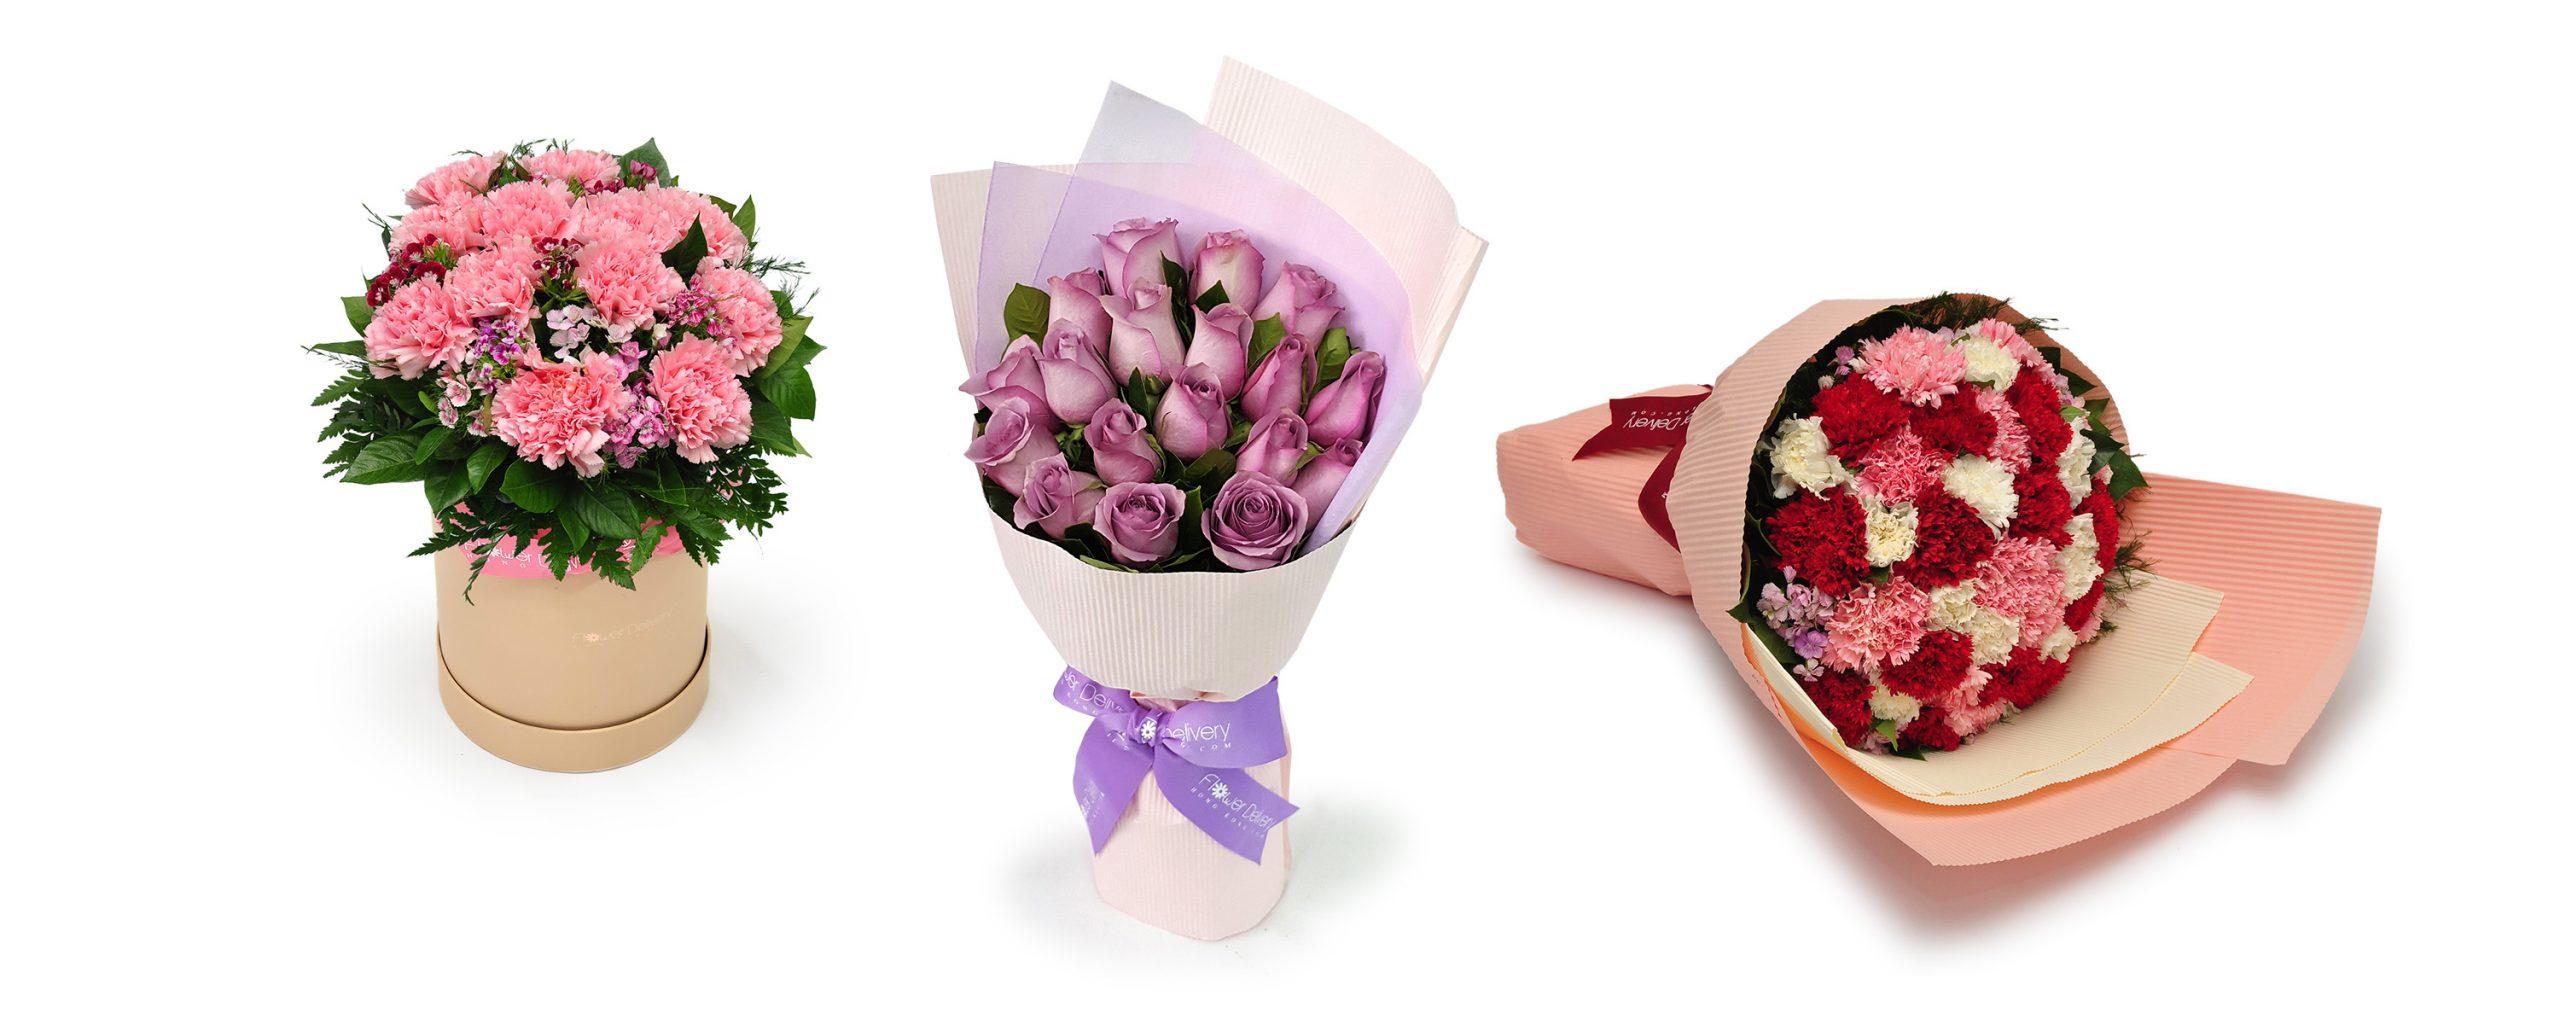 2021年母亲节送花